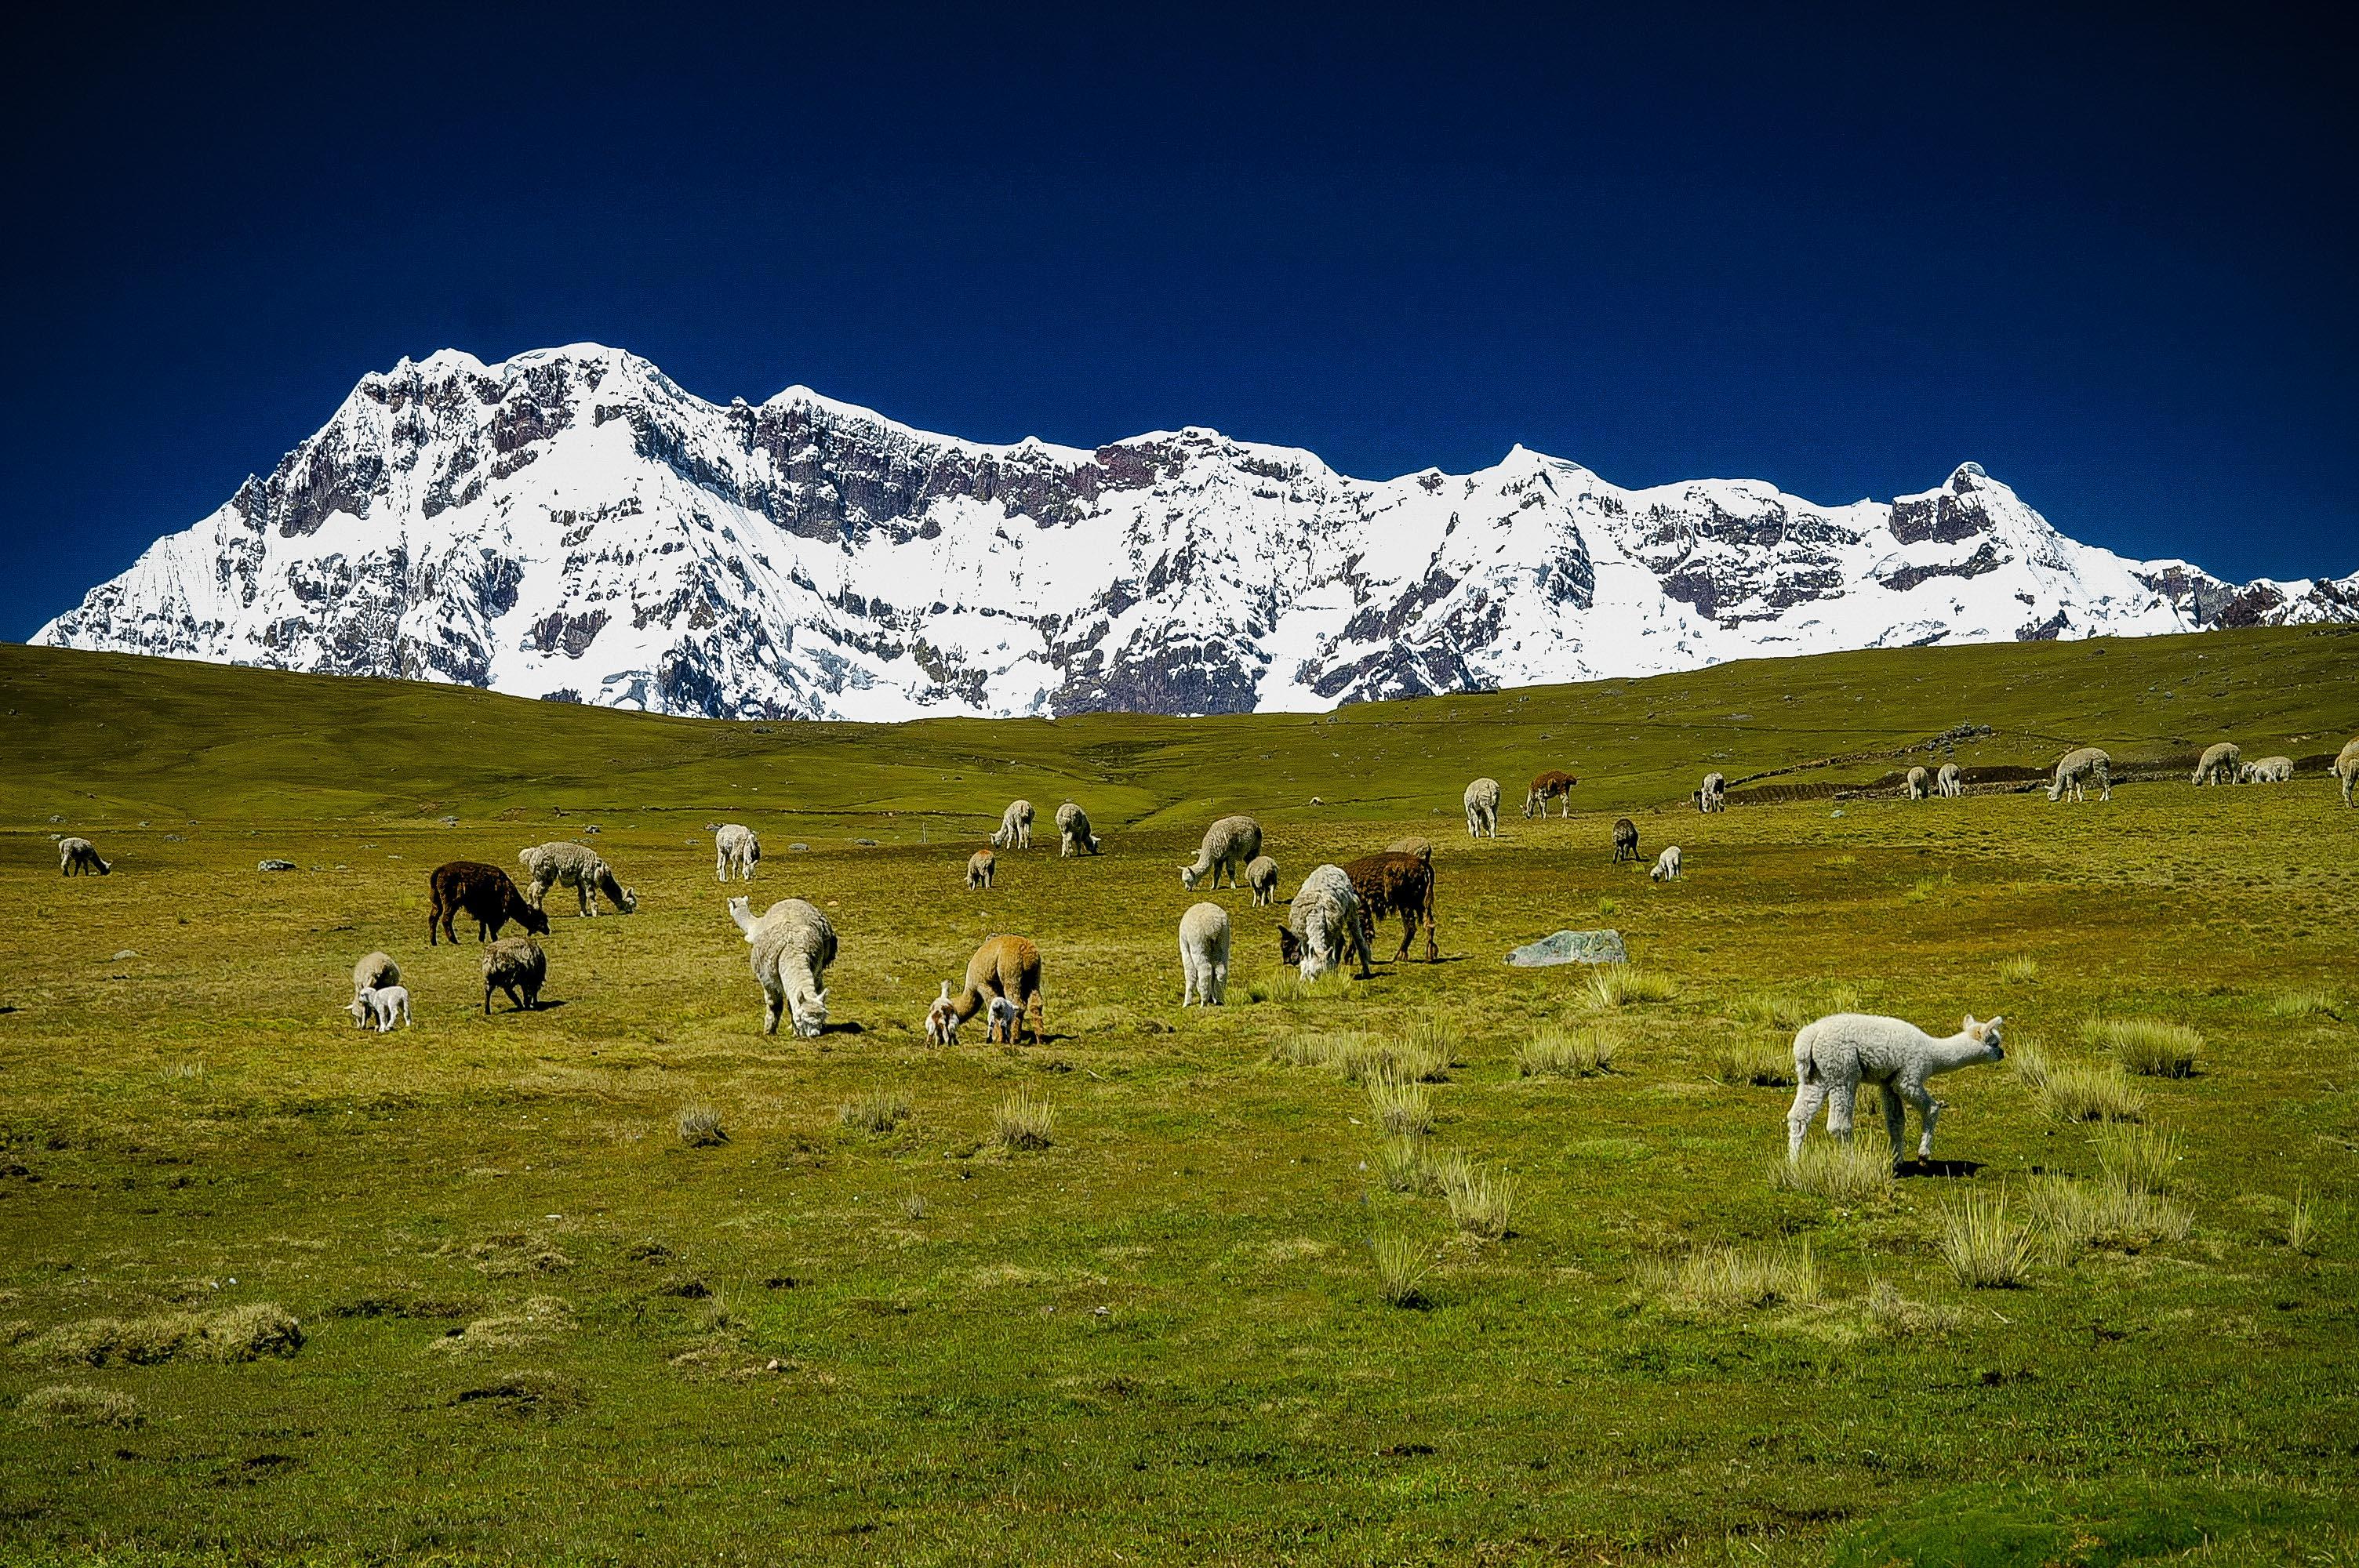 草を食むアルパカの群れと聖なる山アウサンガテ(6,394m)